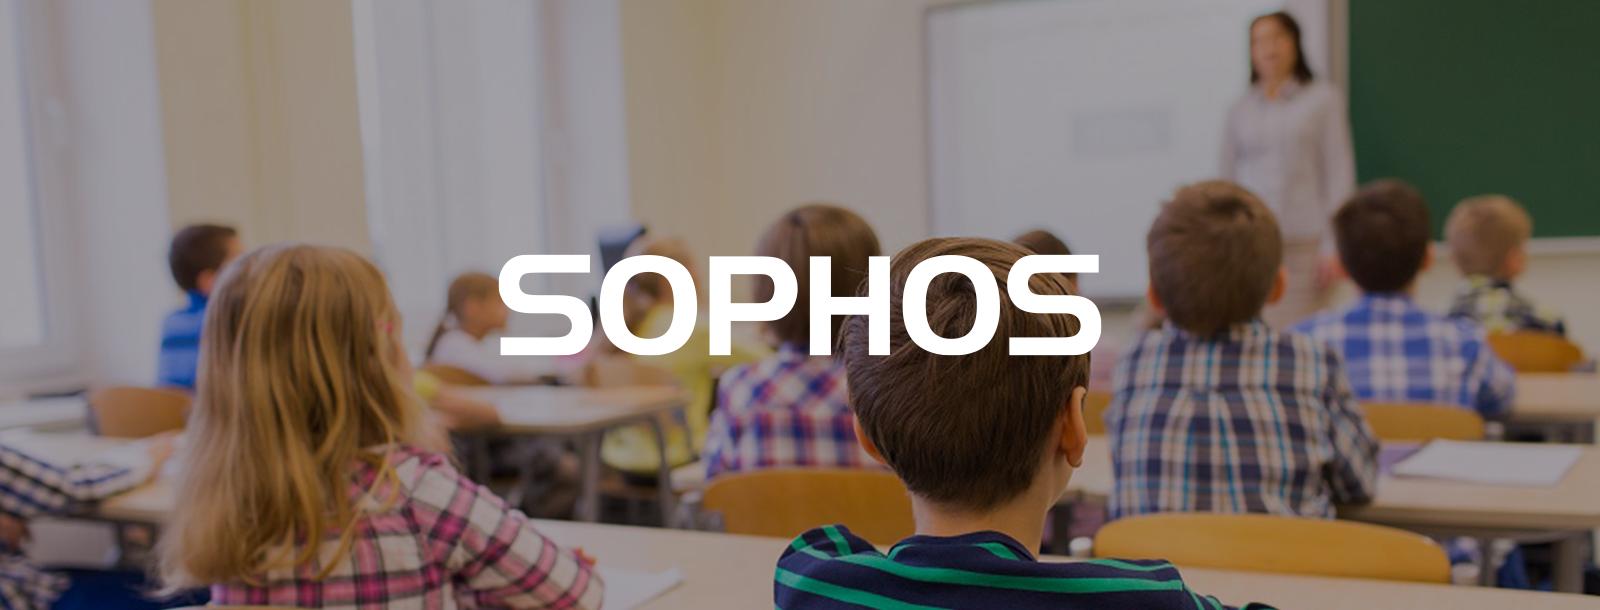 Placówki oświatowe najczęstszym celem ataków ransomware – badanie Sophos